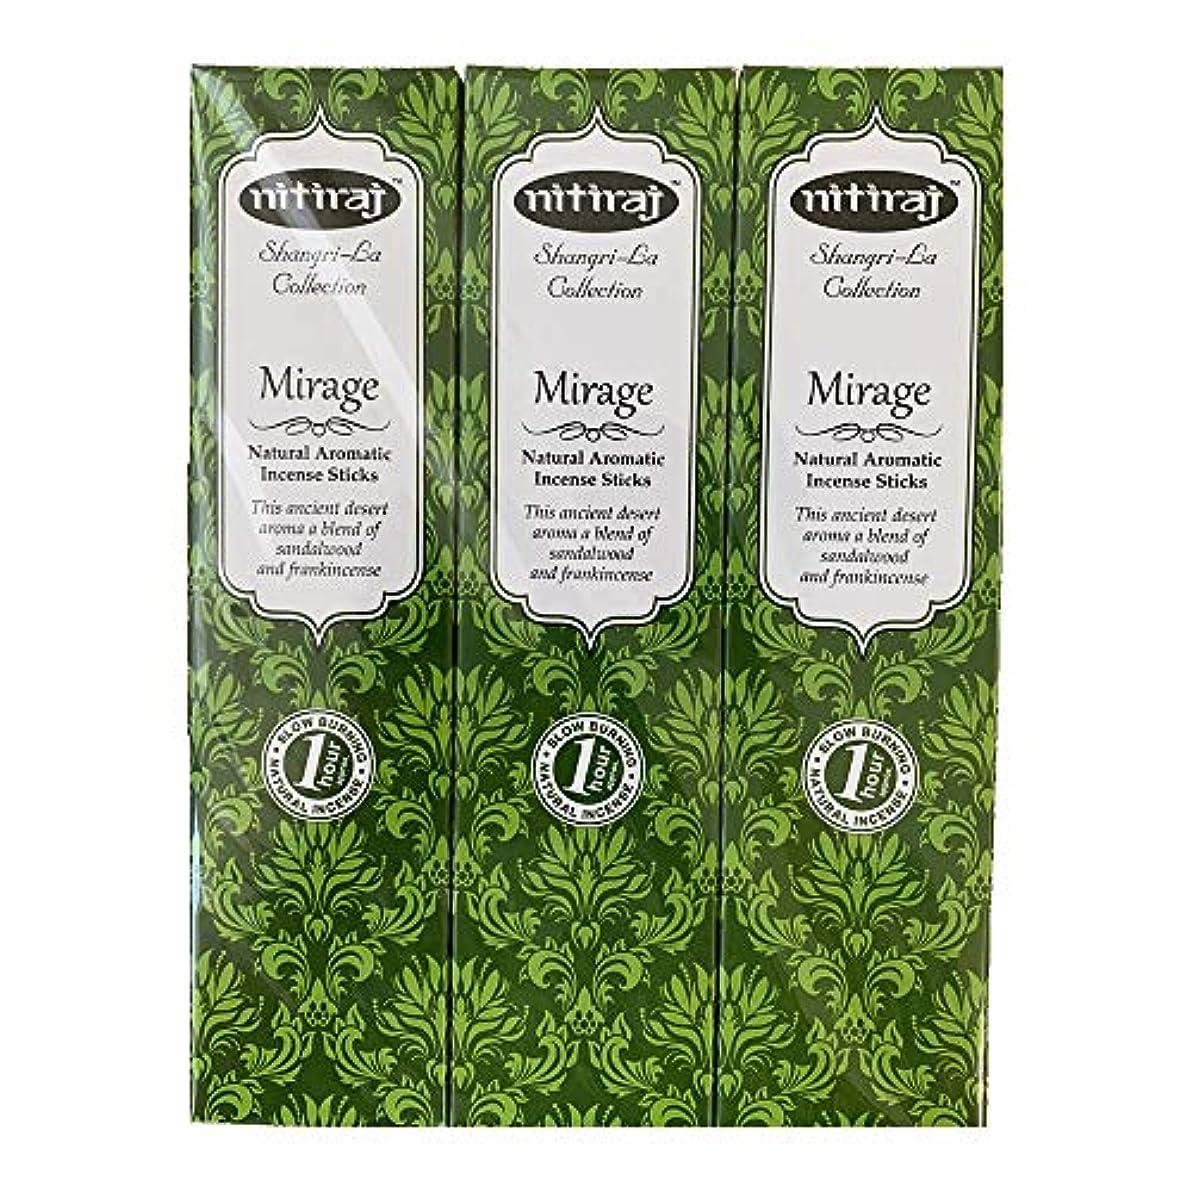 ギャラントリープレフィックス議題お香 アロマインセンス Nitiraj(ニティラジ)Mirage(蜃気楼) 3箱セット(30本/1箱10本入り)100%天然素材